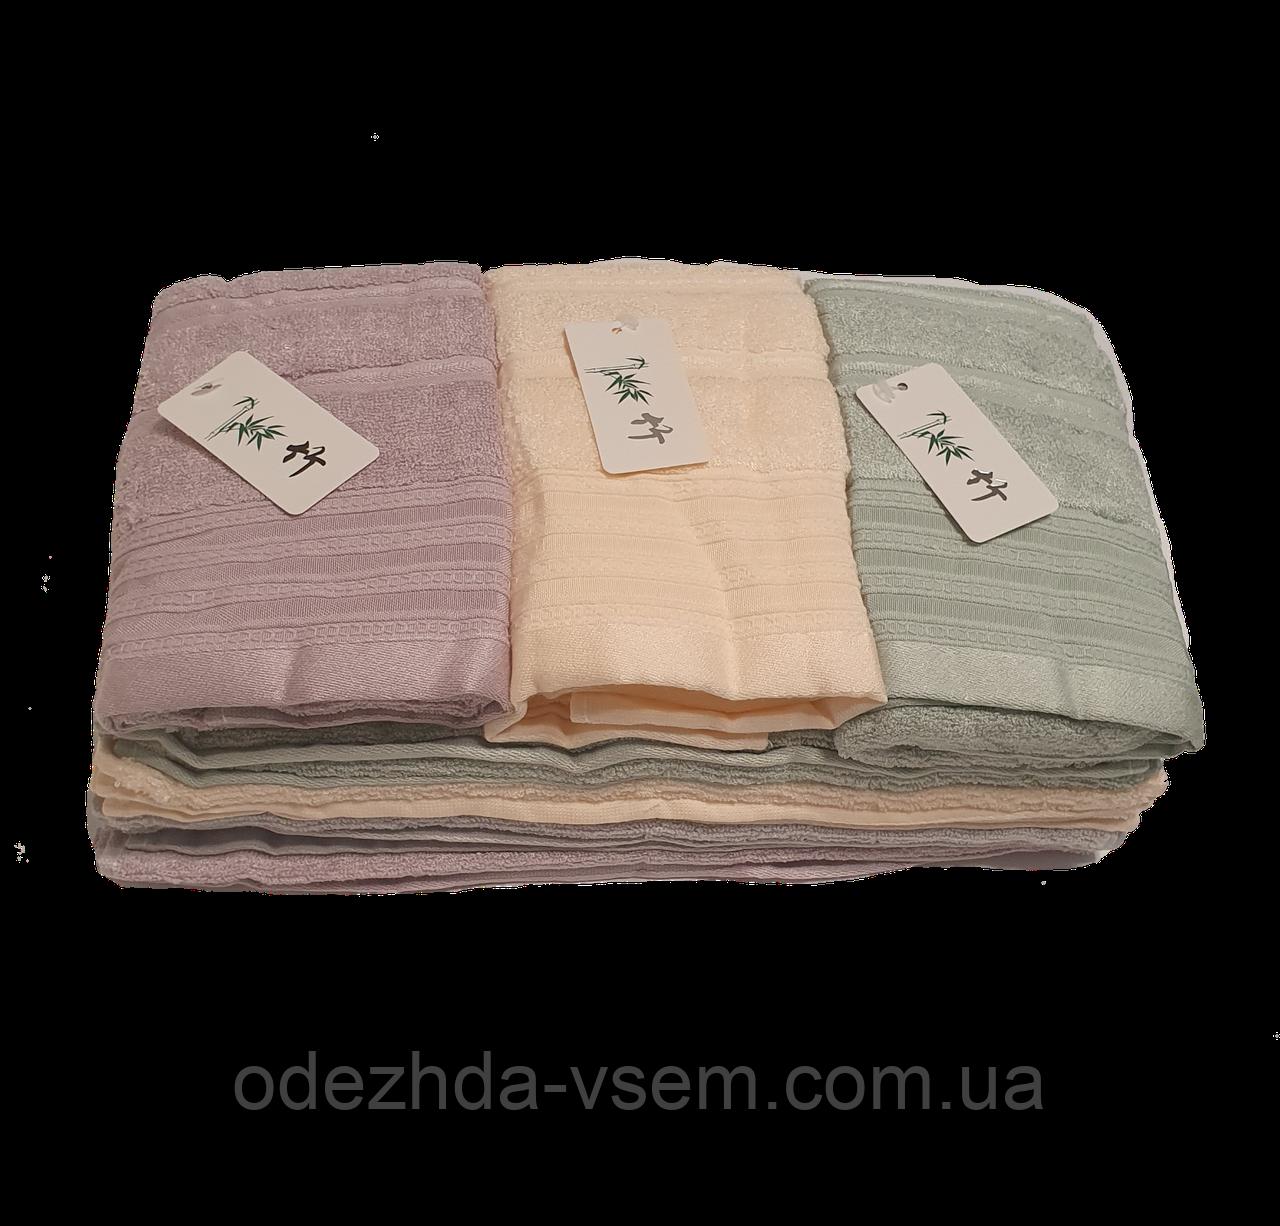 Качественные махровые полотенца  70*35см